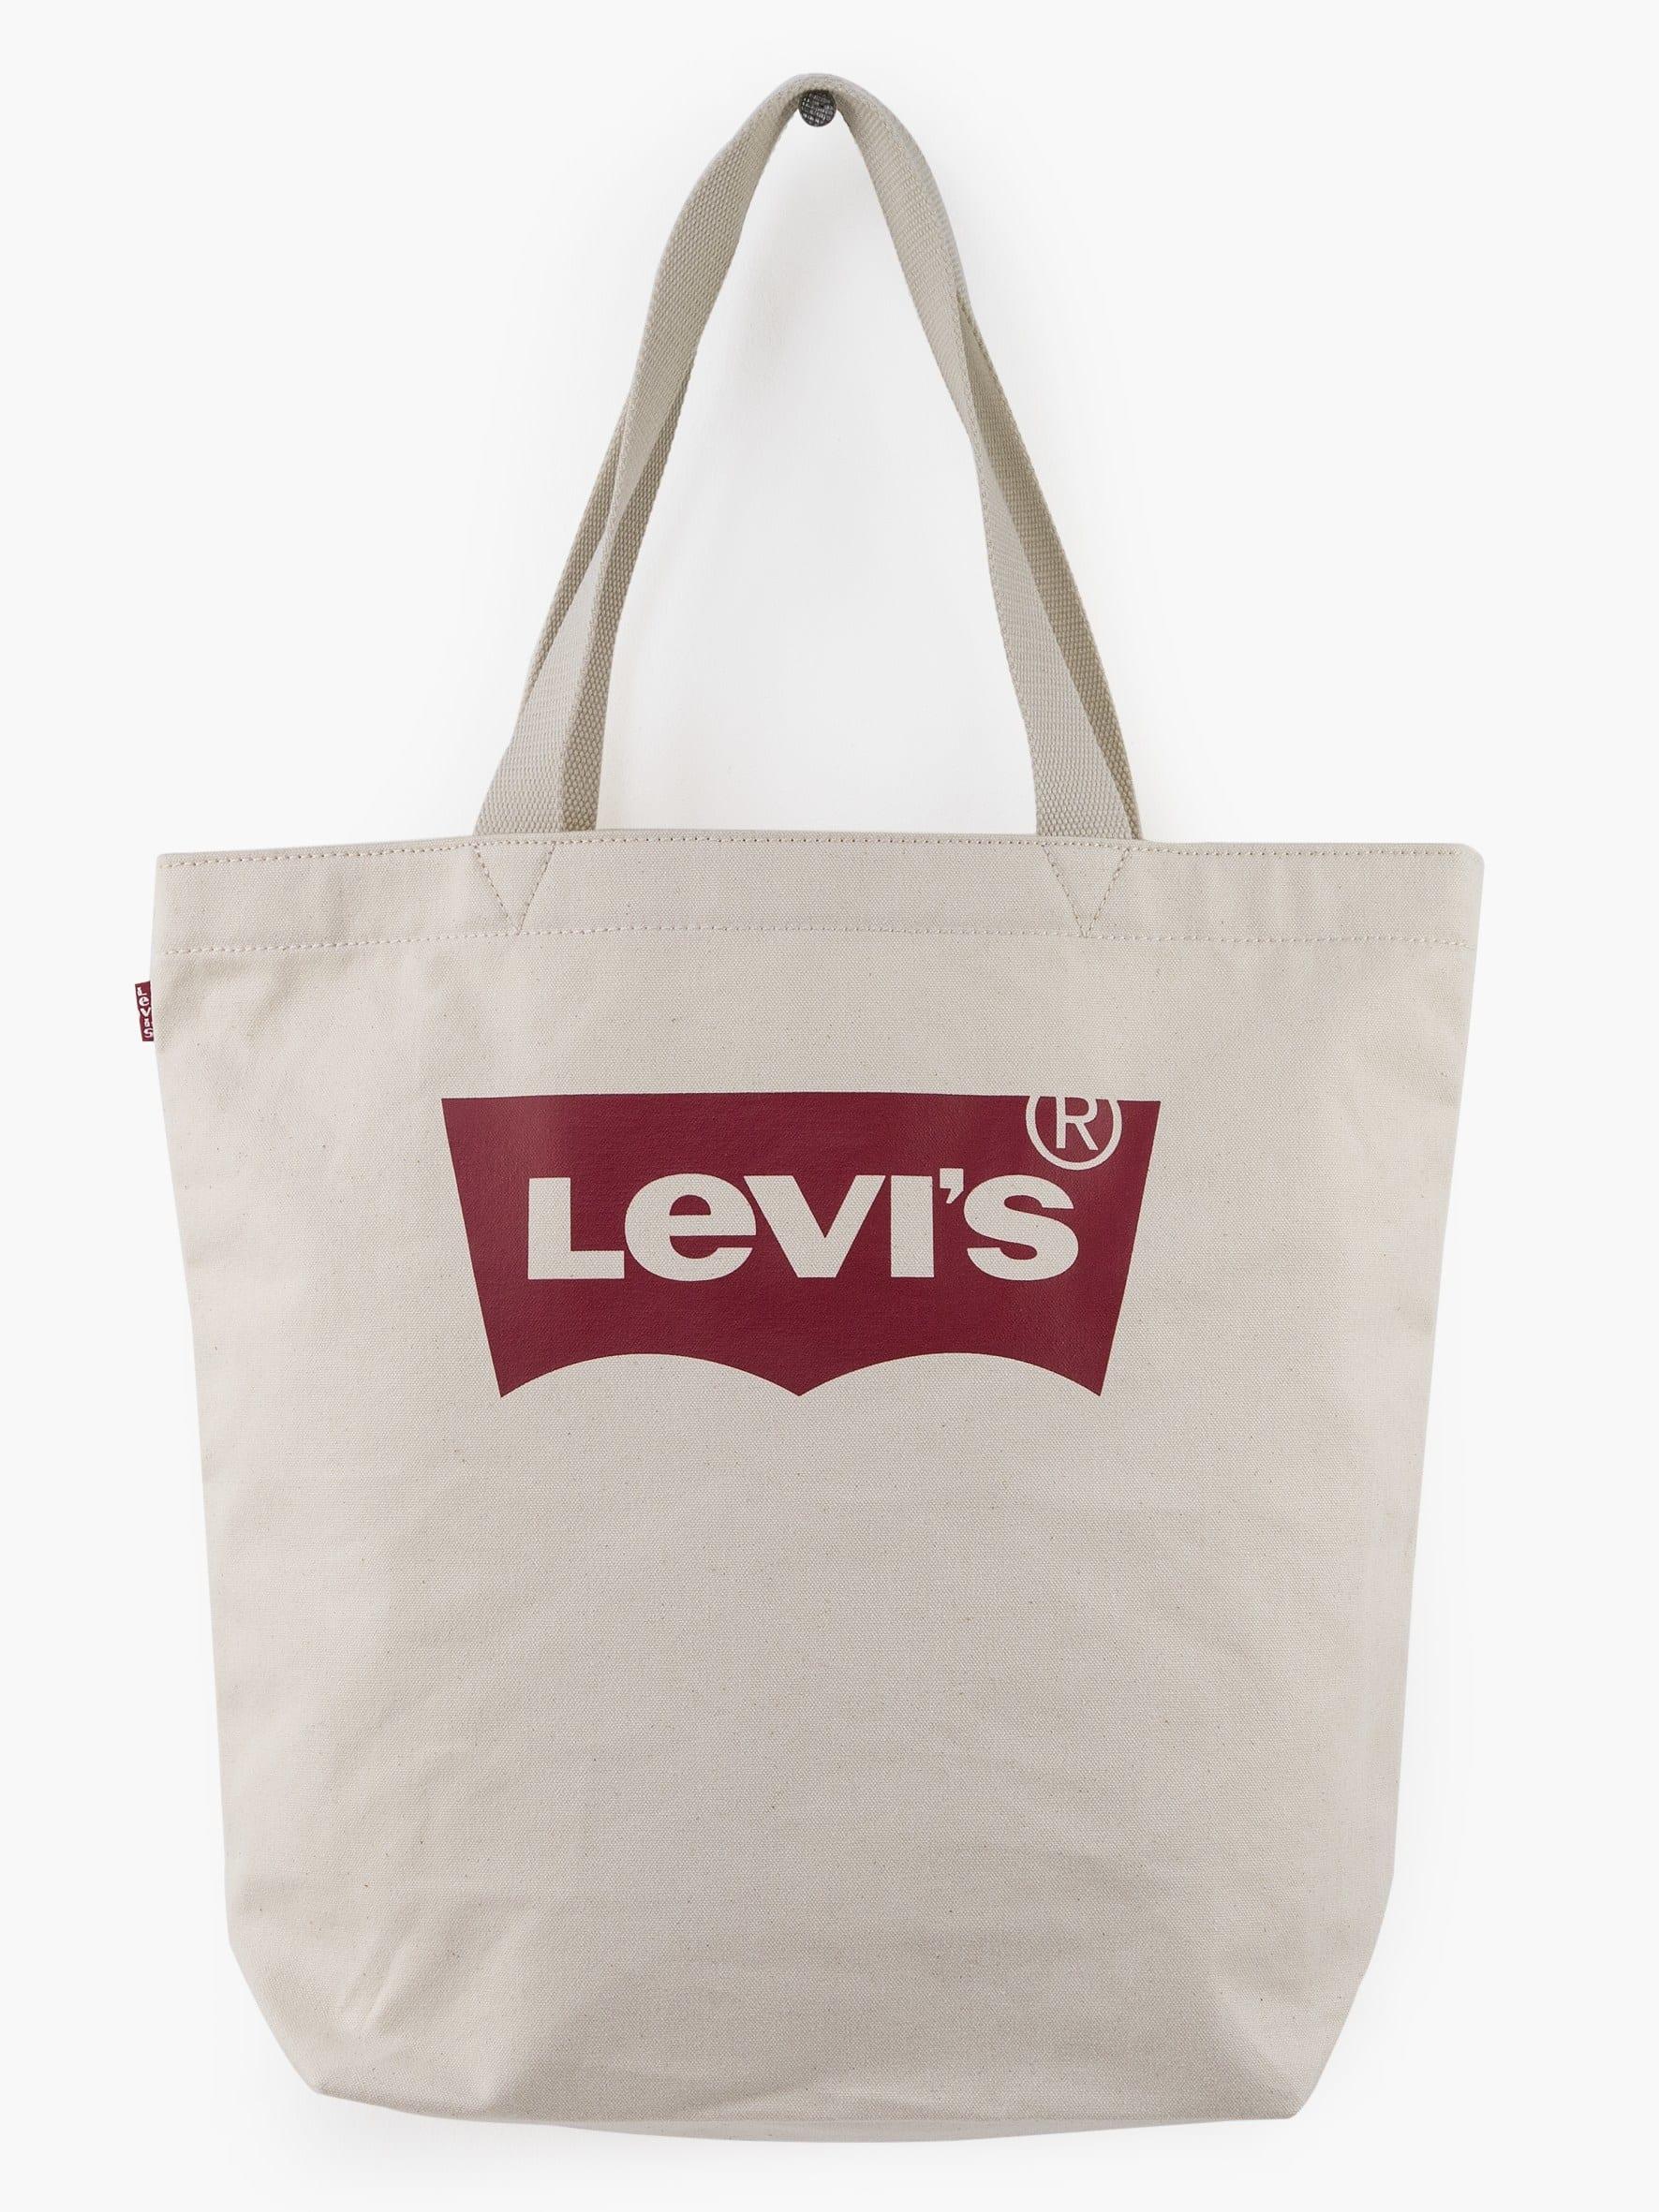 levis - Levi's Shopper, mit modischem Logo Druck